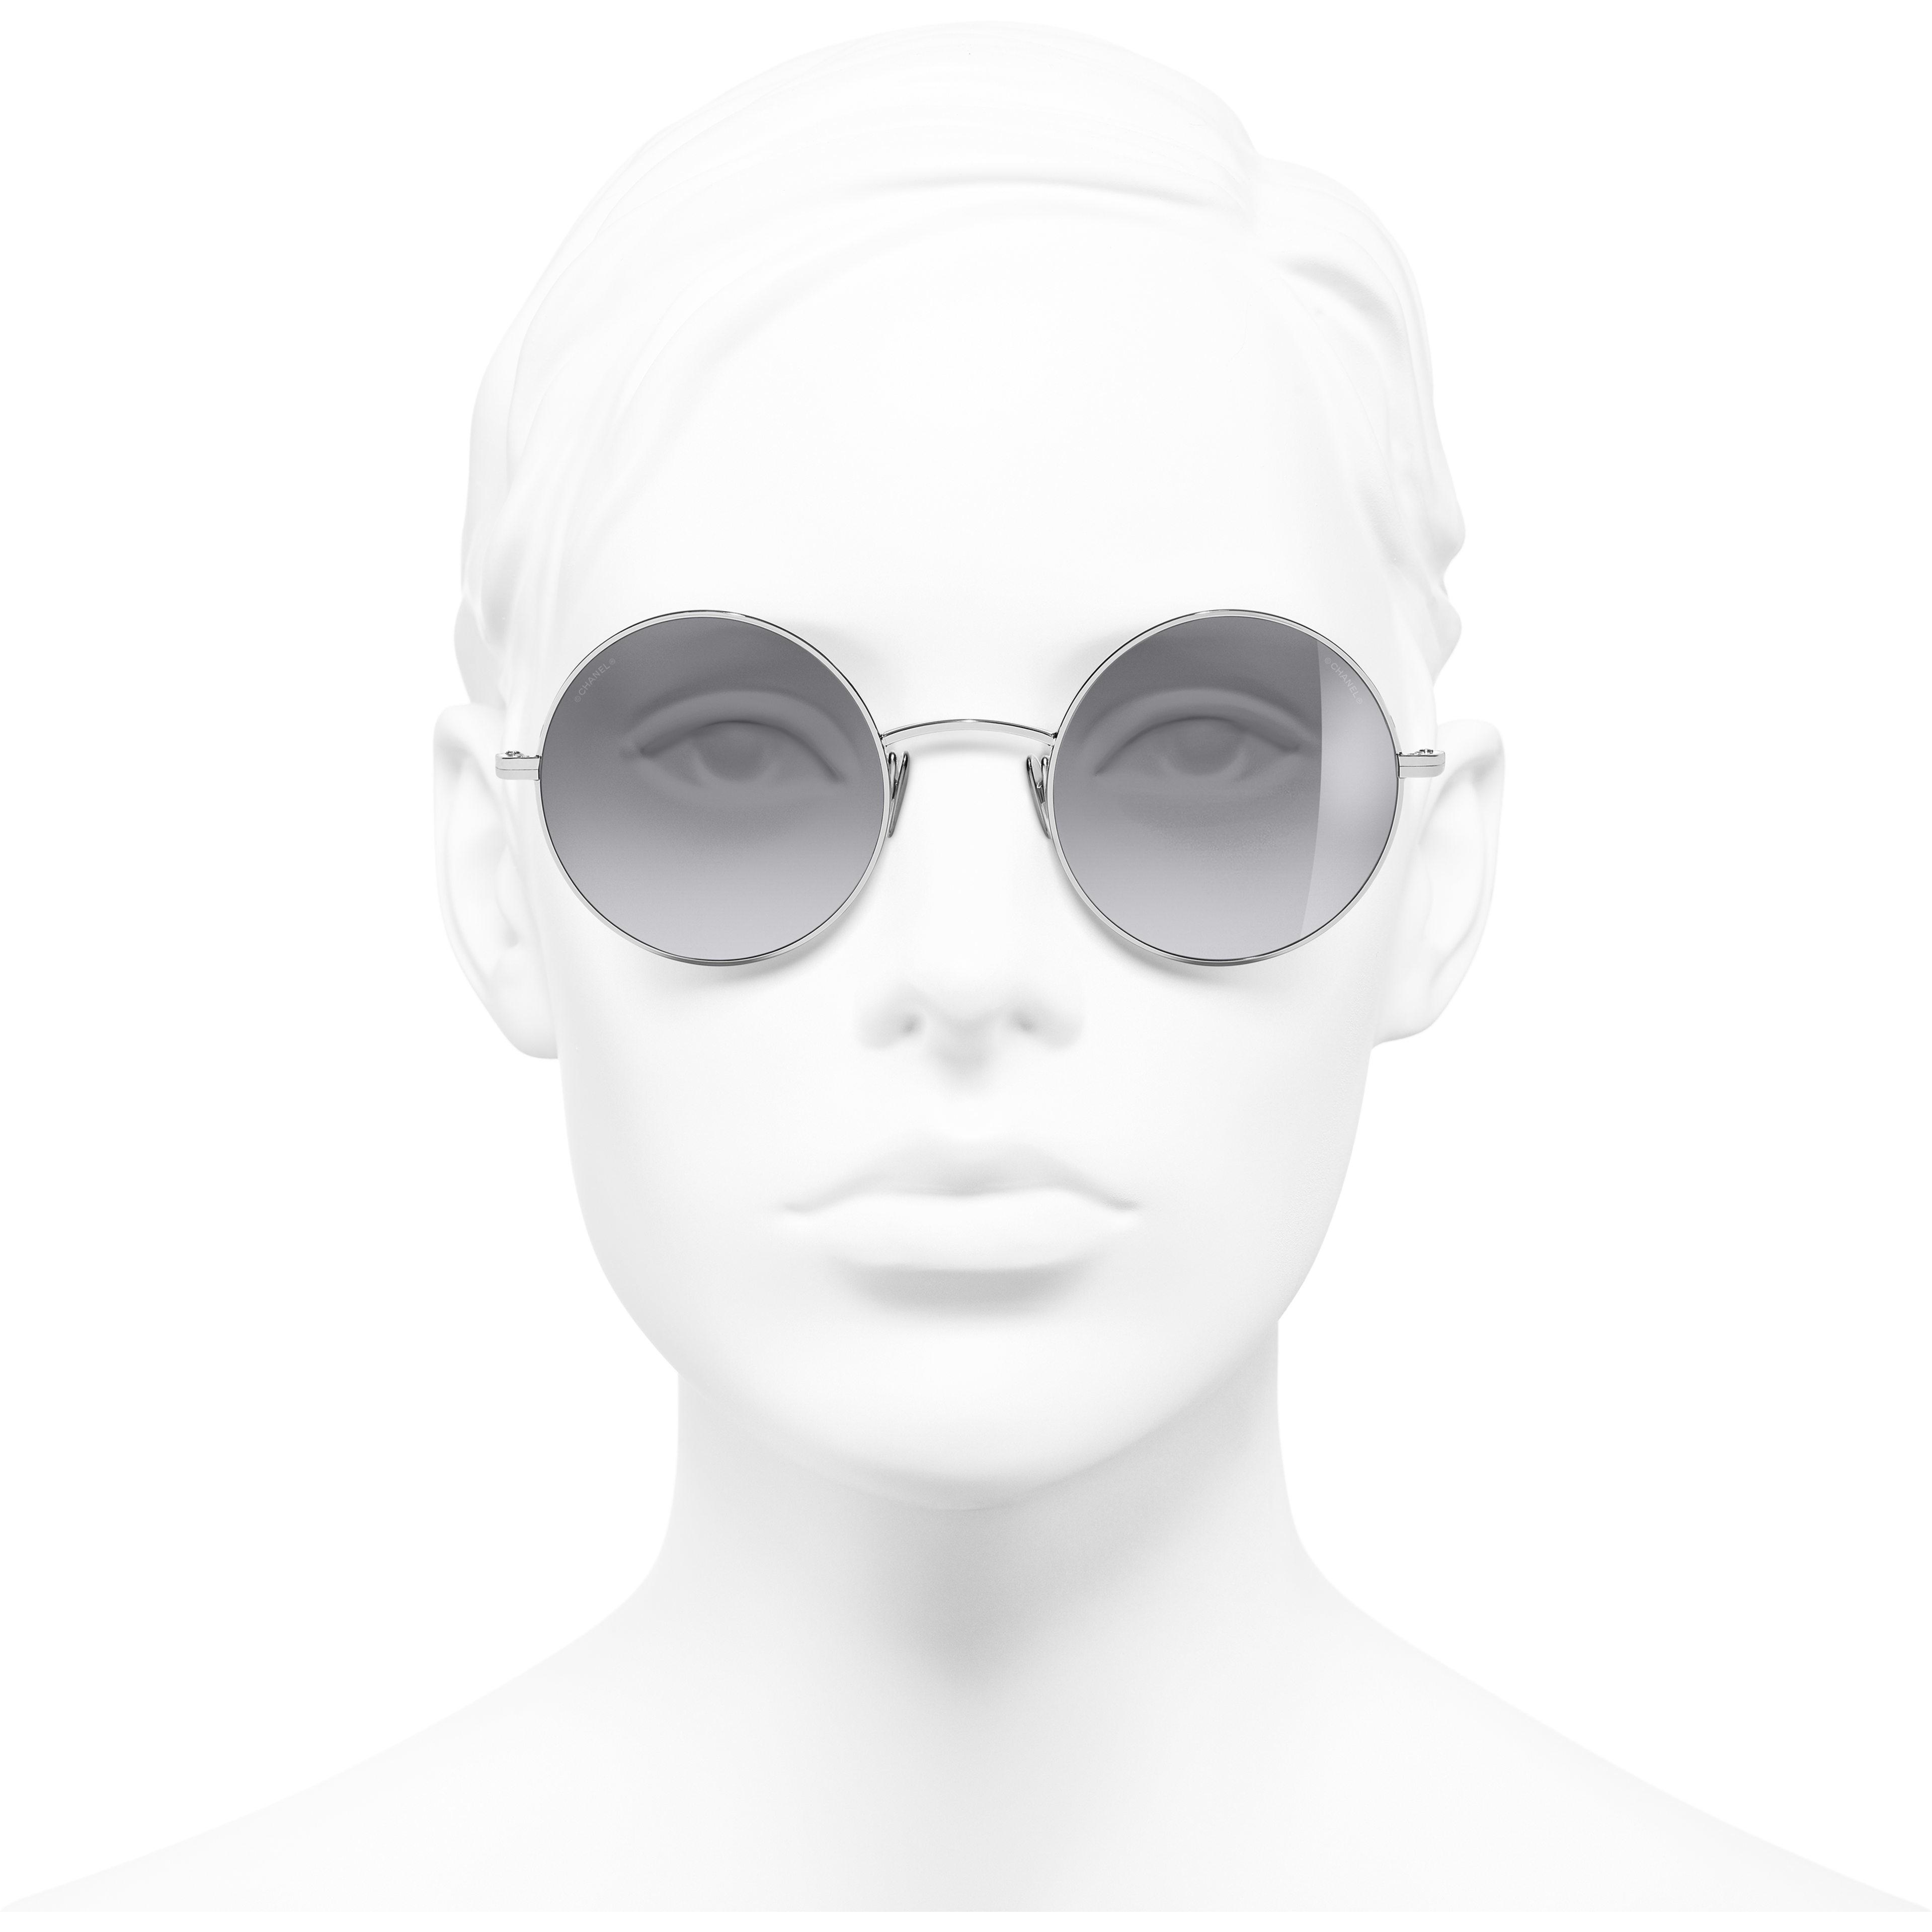 圓形太陽眼鏡 - 銀 - 鈦合金 - CHANEL - 配戴時的正面視圖 - 查看標準尺寸版本